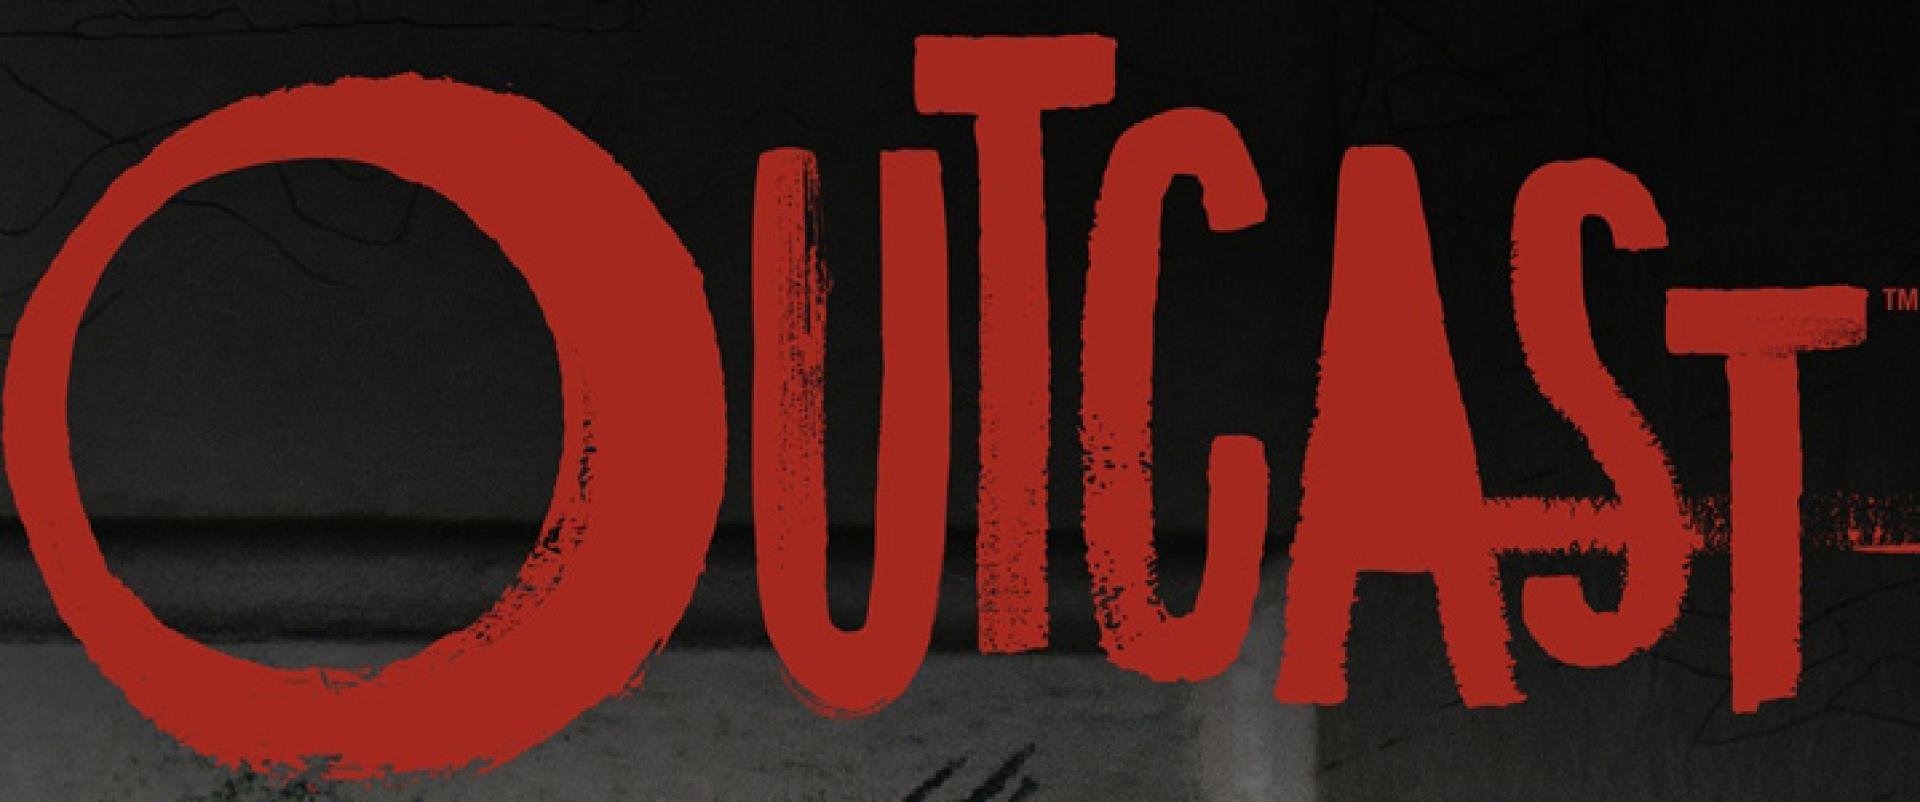 Outcast 1x01